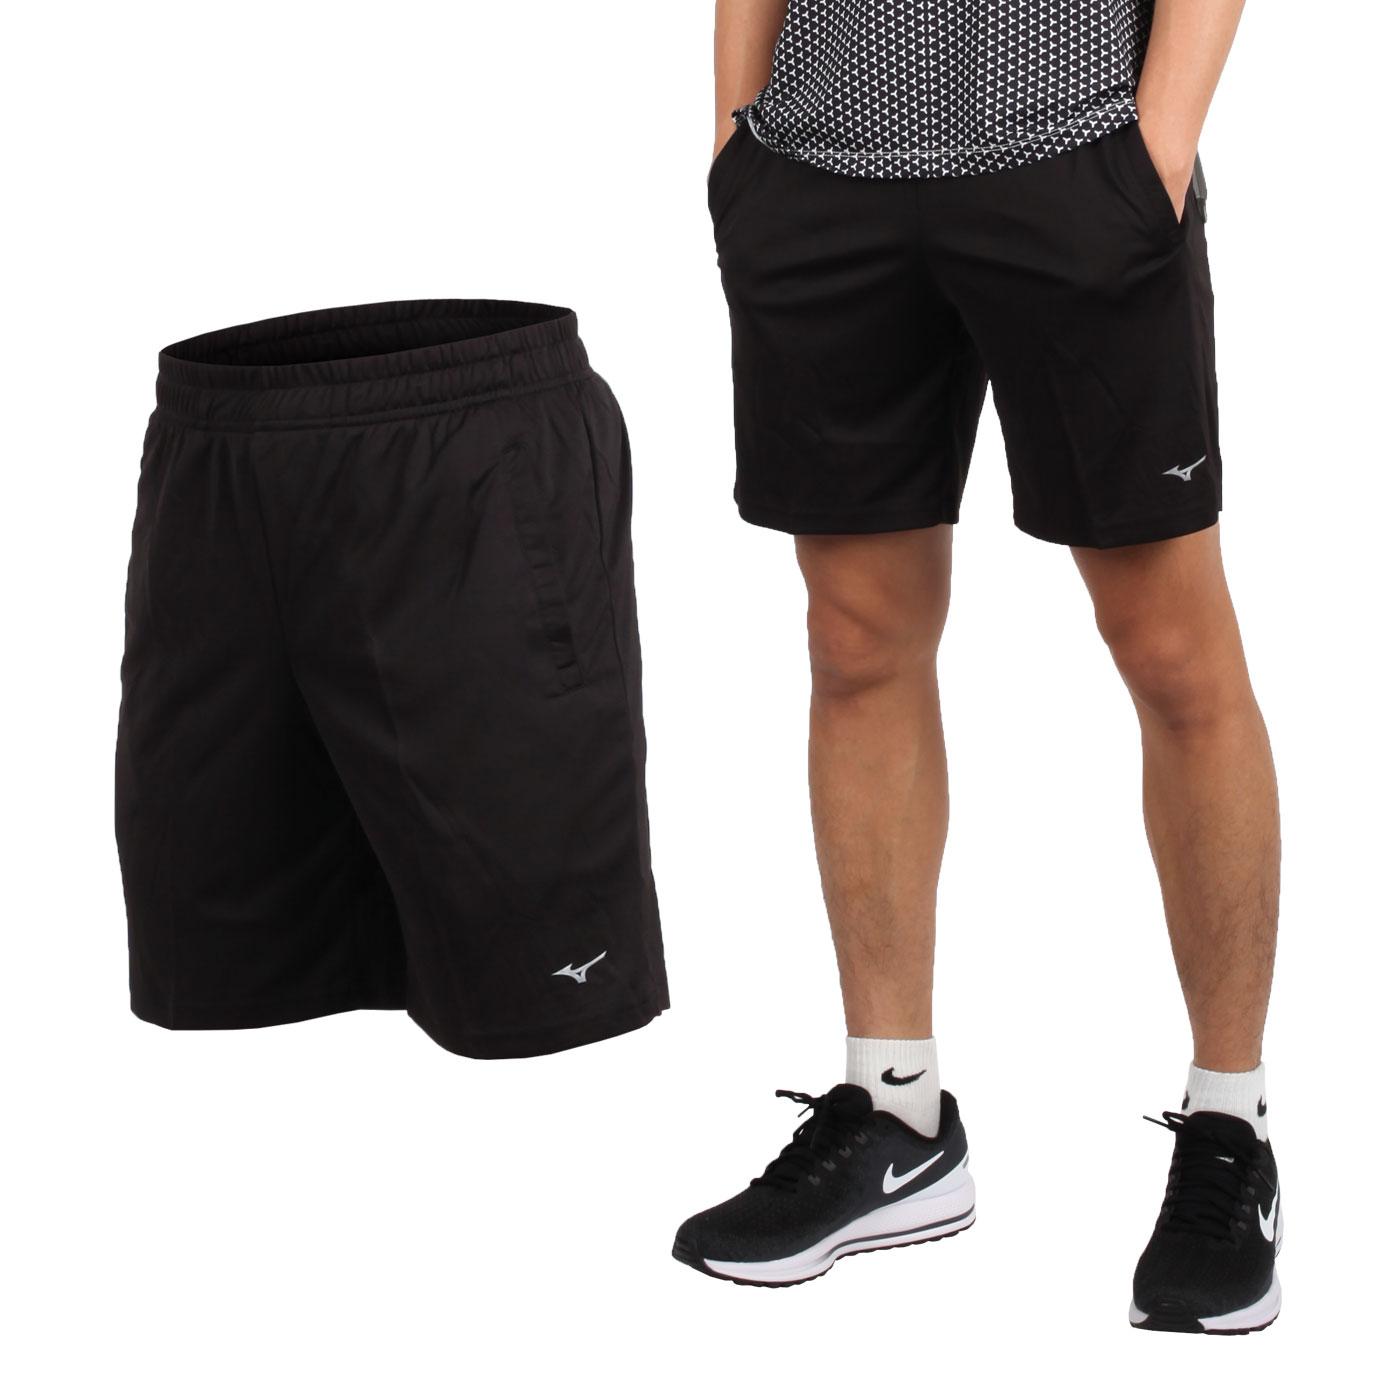 MIZUNO 男款足球短褲 P2TB8A0409 - 黑銀